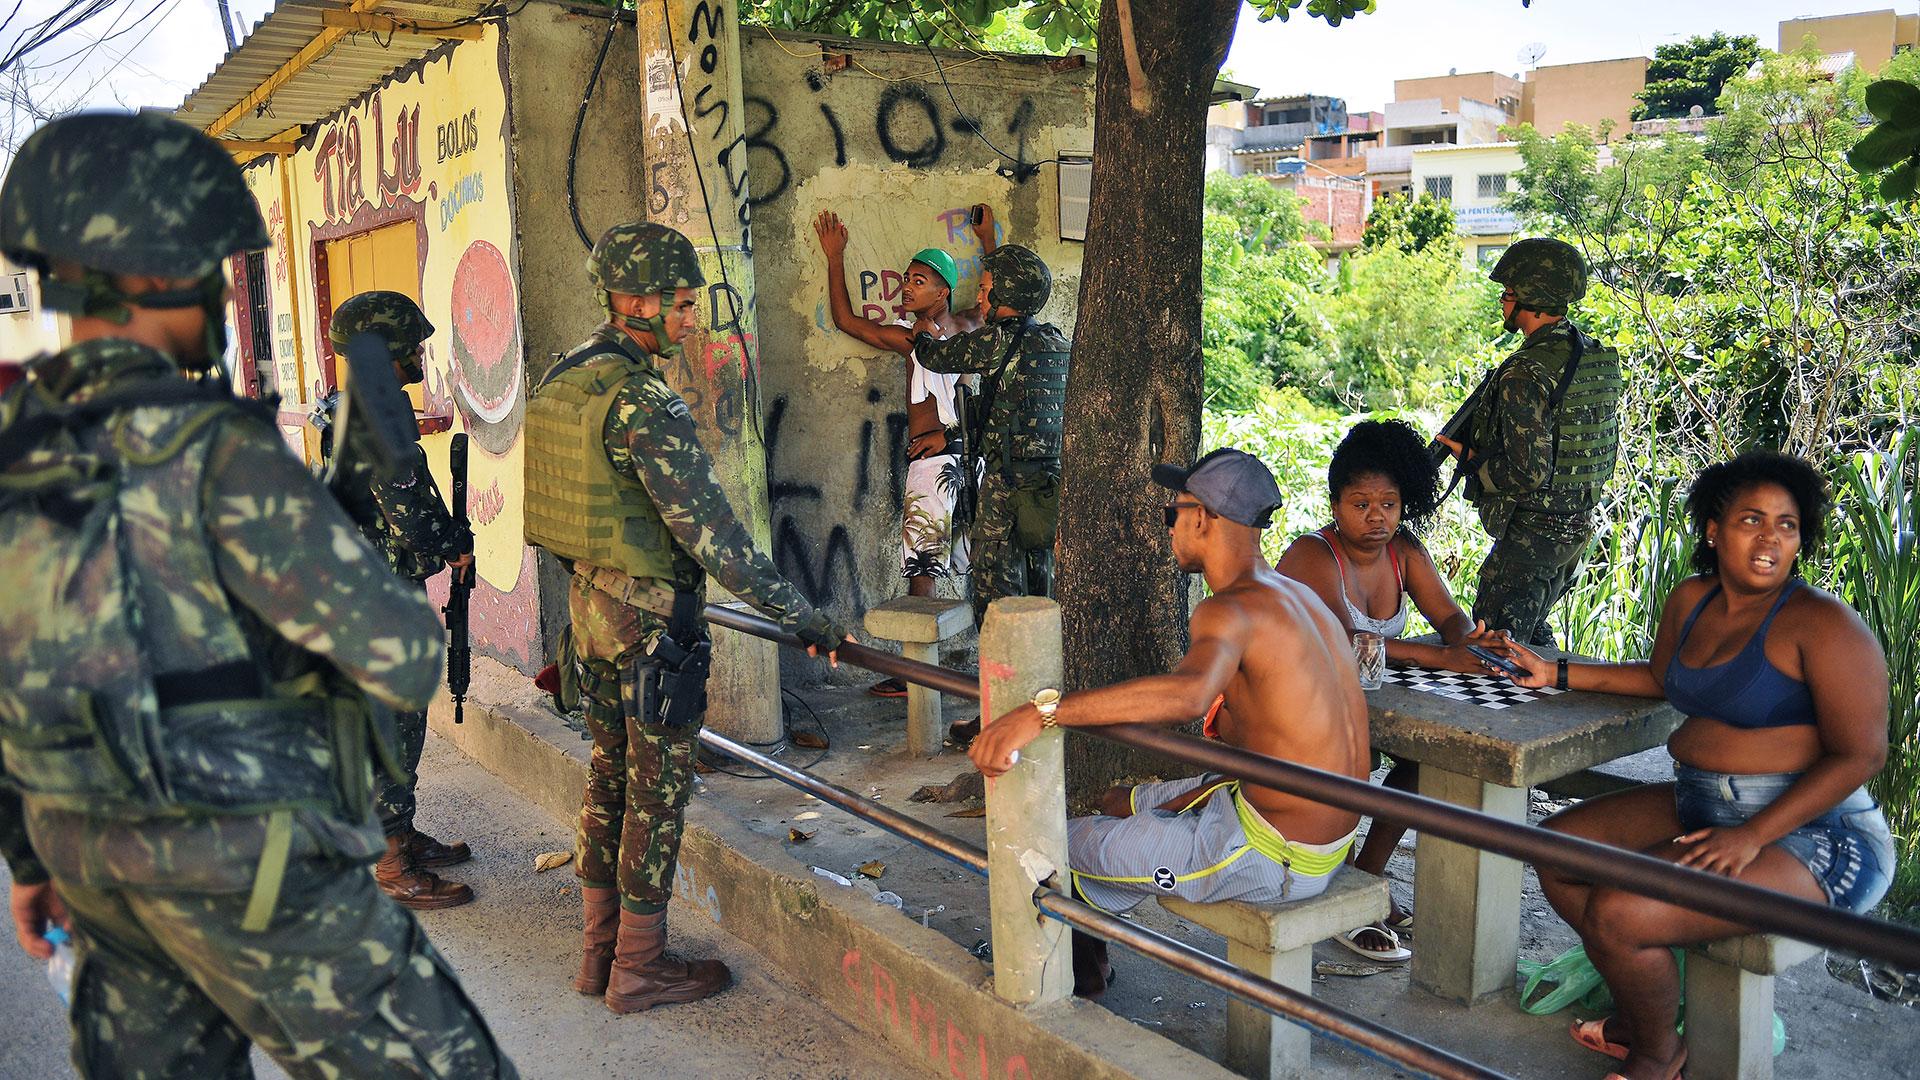 Soldados en las favelas de Rio de Janeiro (AFP)